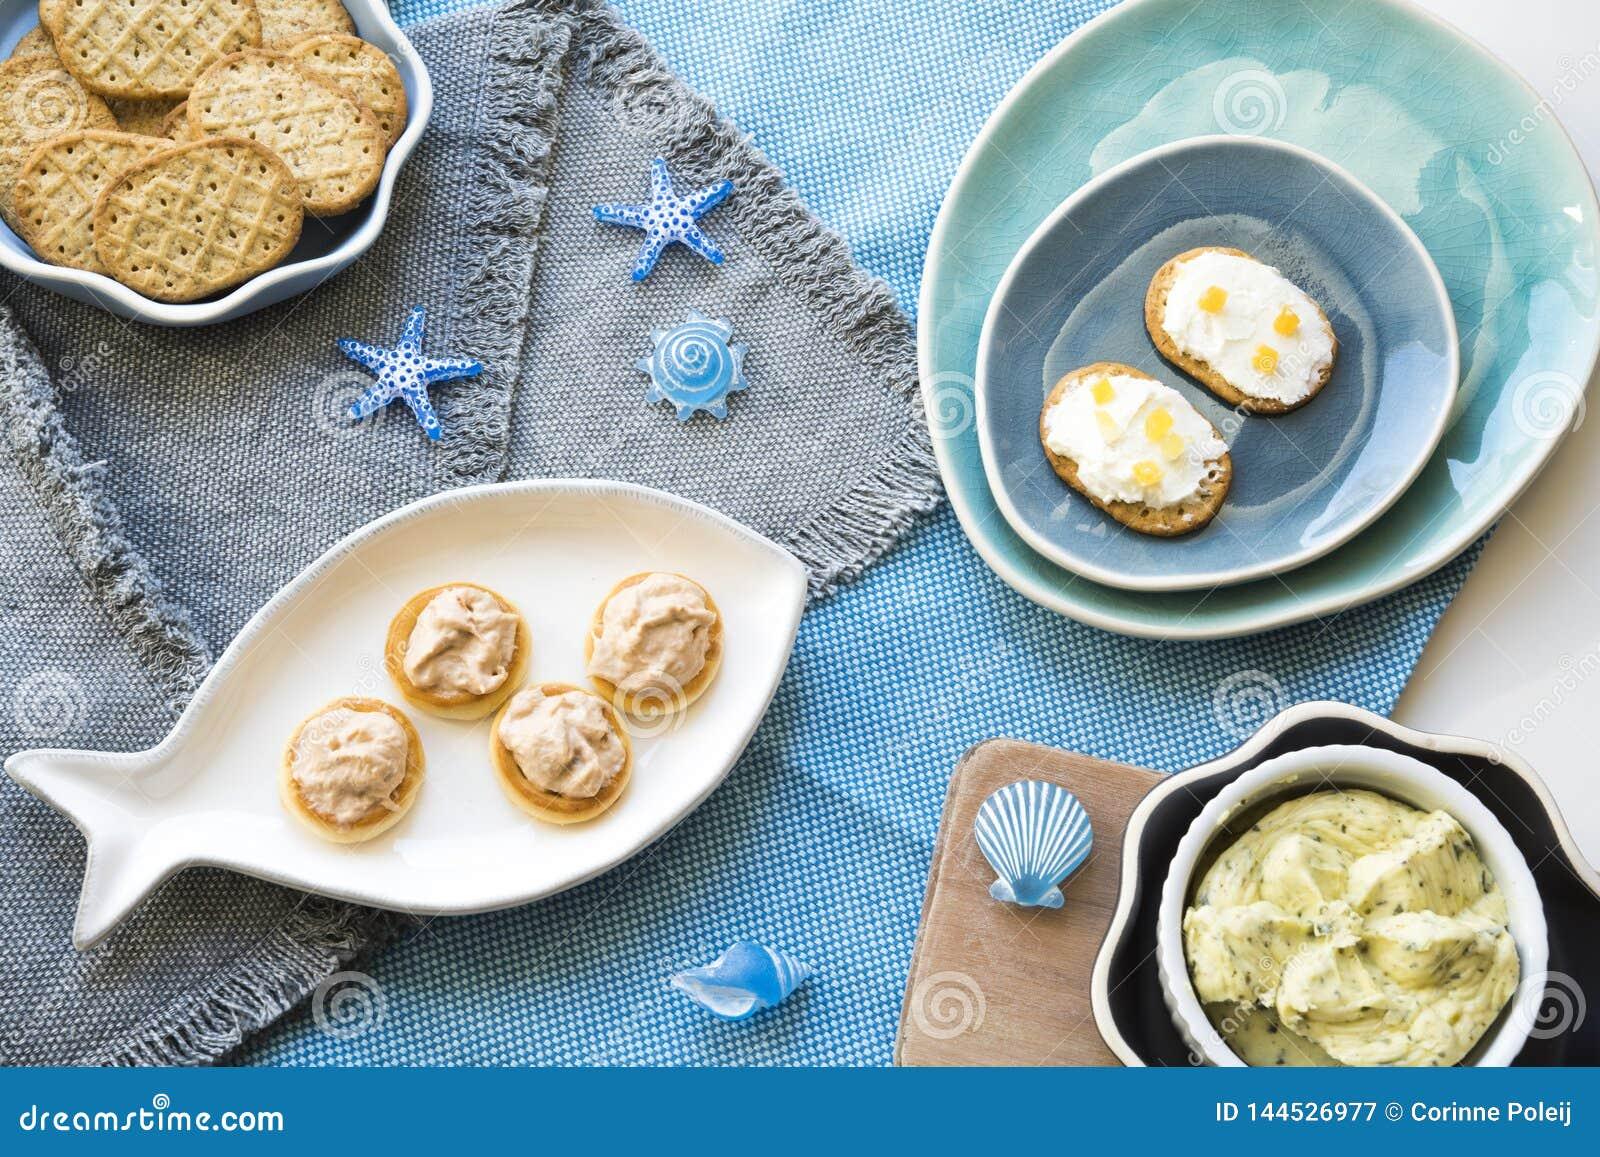 Frasiga rostade bröd på flera blåa plattor, med tonfisk- och laxsallad, gräddost och smör